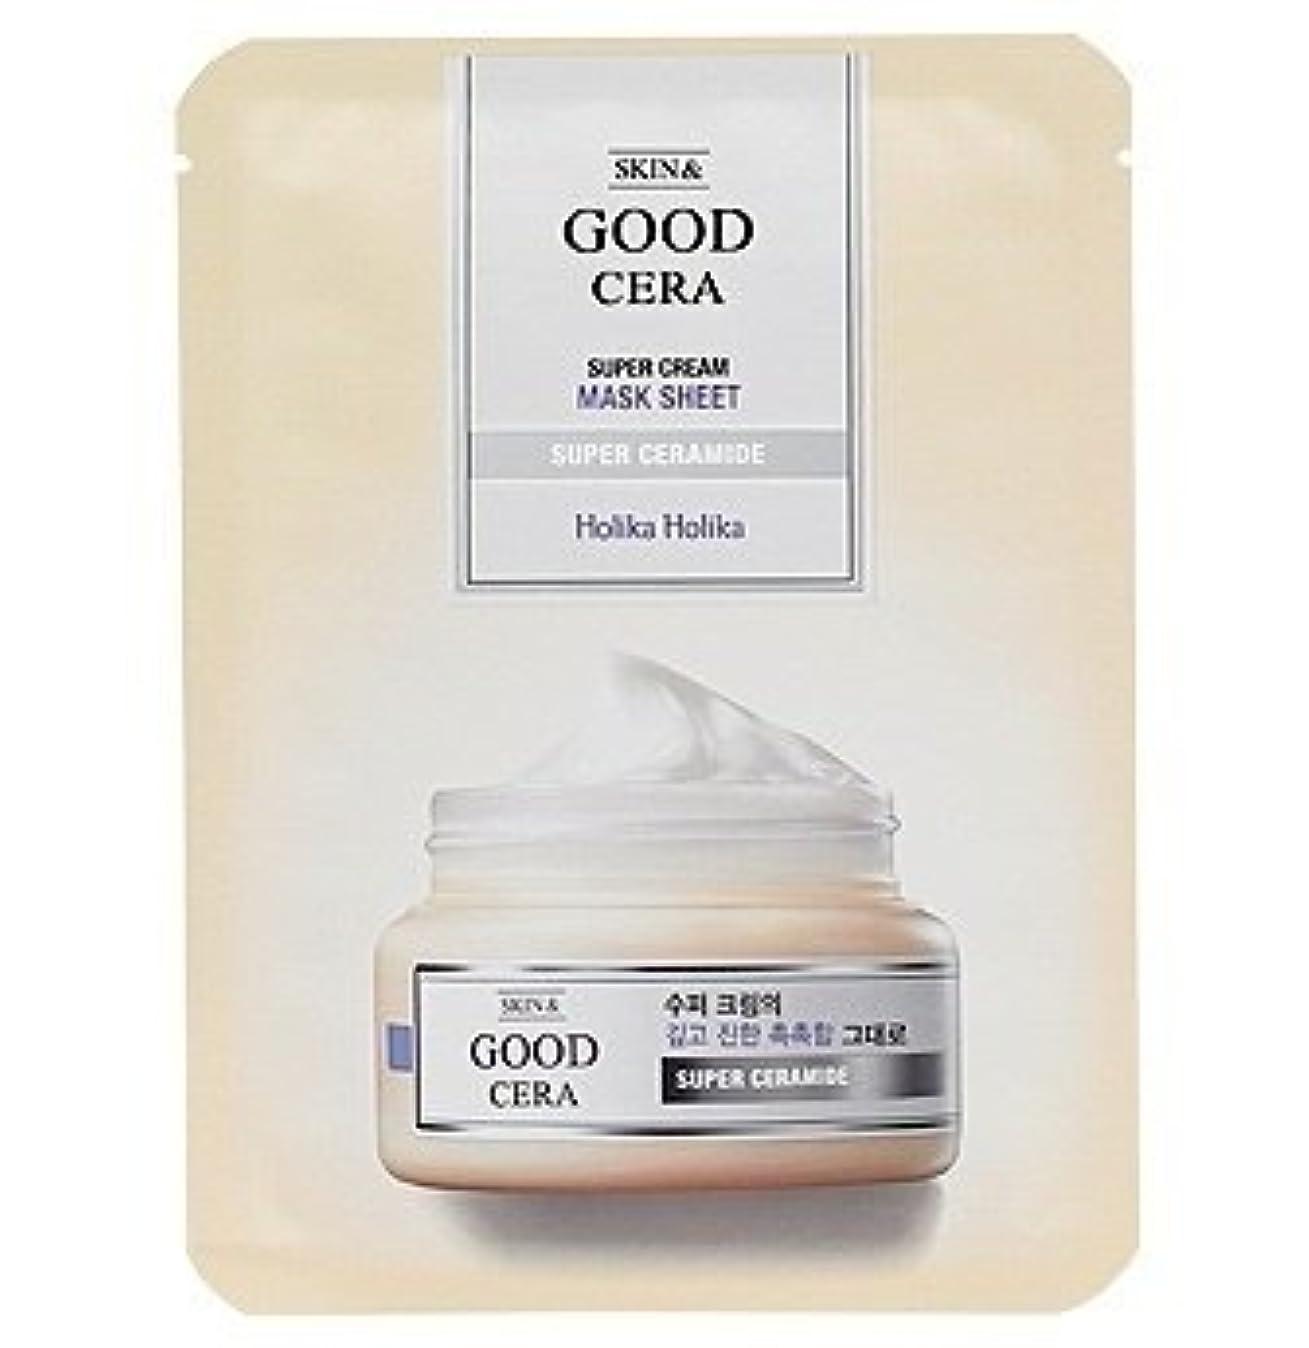 肉屋増幅器おびえたホリカホリカ グッドセラ スーパークリーム マスクシート(3枚) Holika Holika Good Cera Super Cream Mask Sheet(3EA) [並行輸入品]